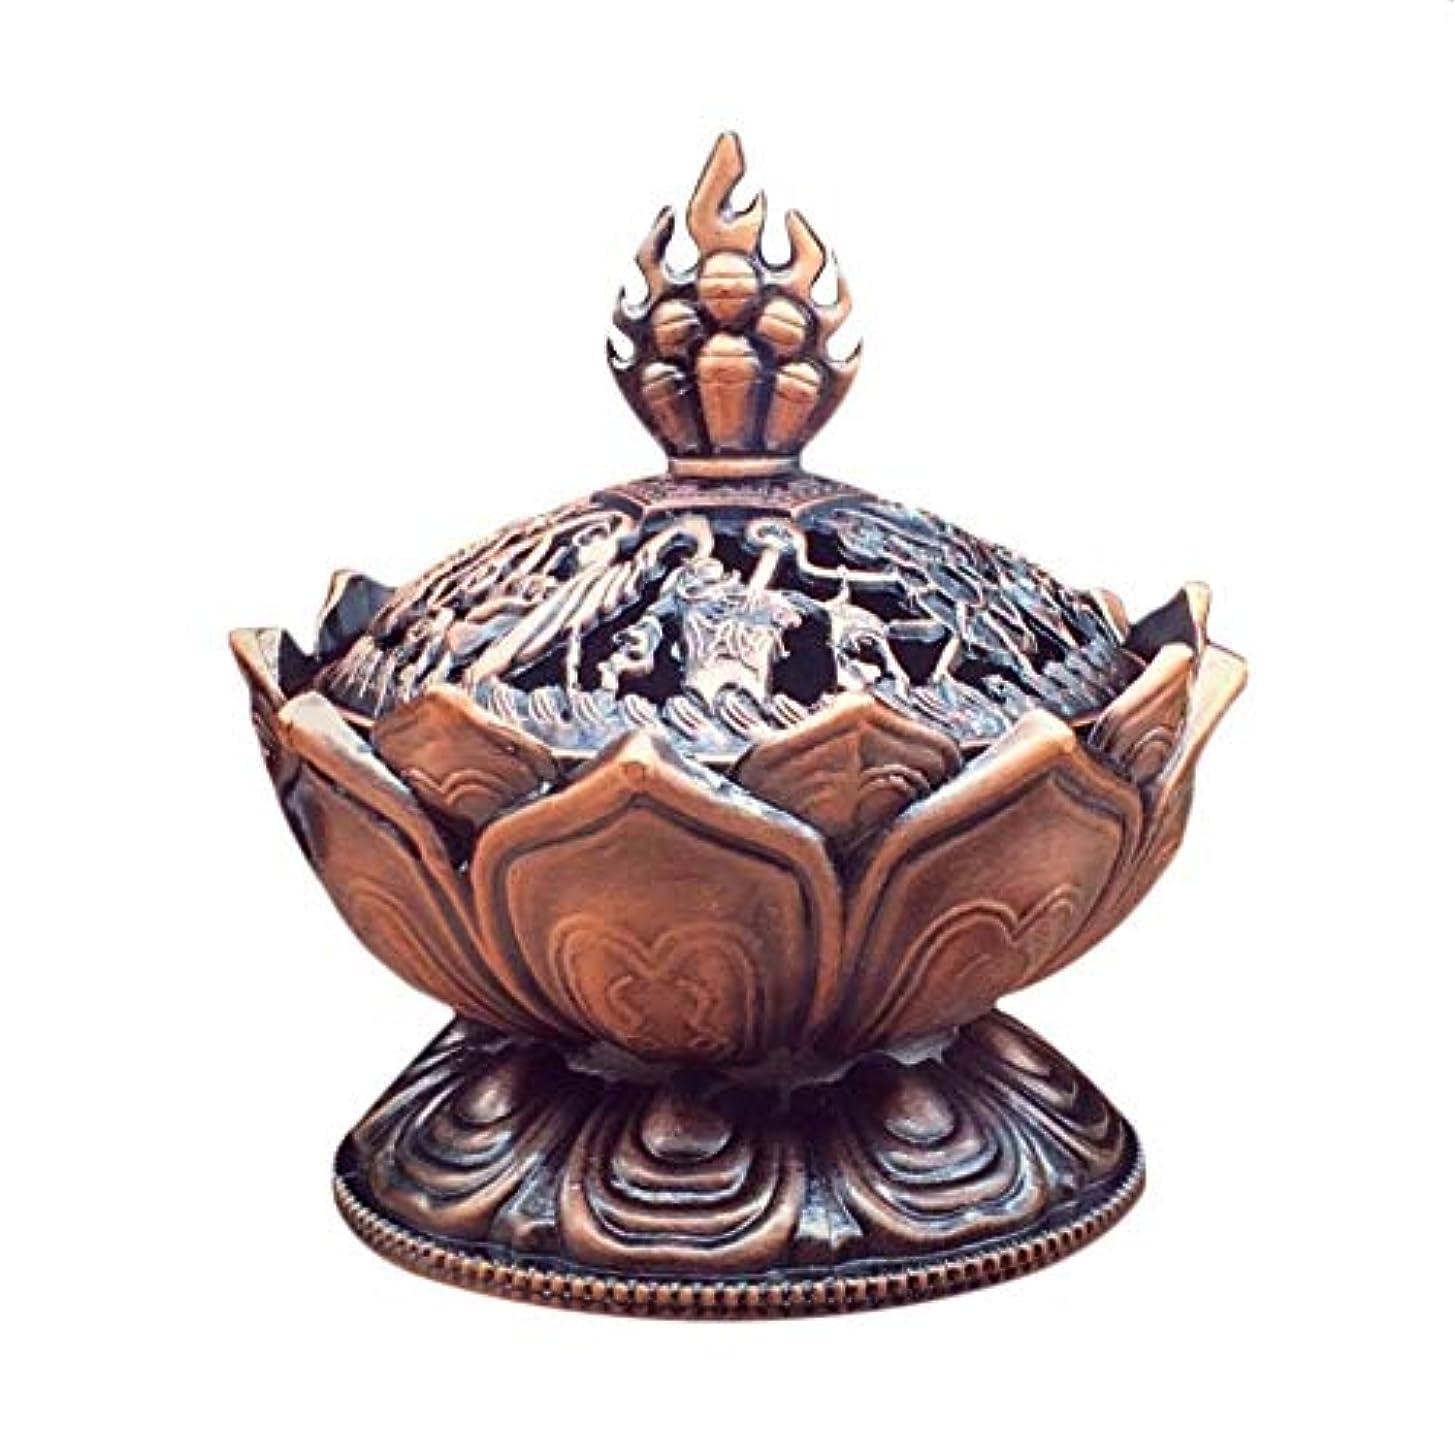 うねる小説子犬Bonni 聖チベットロータスデザイン香炉亜鉛合金ブロンズミニ香炉香炉金属工芸家の装飾